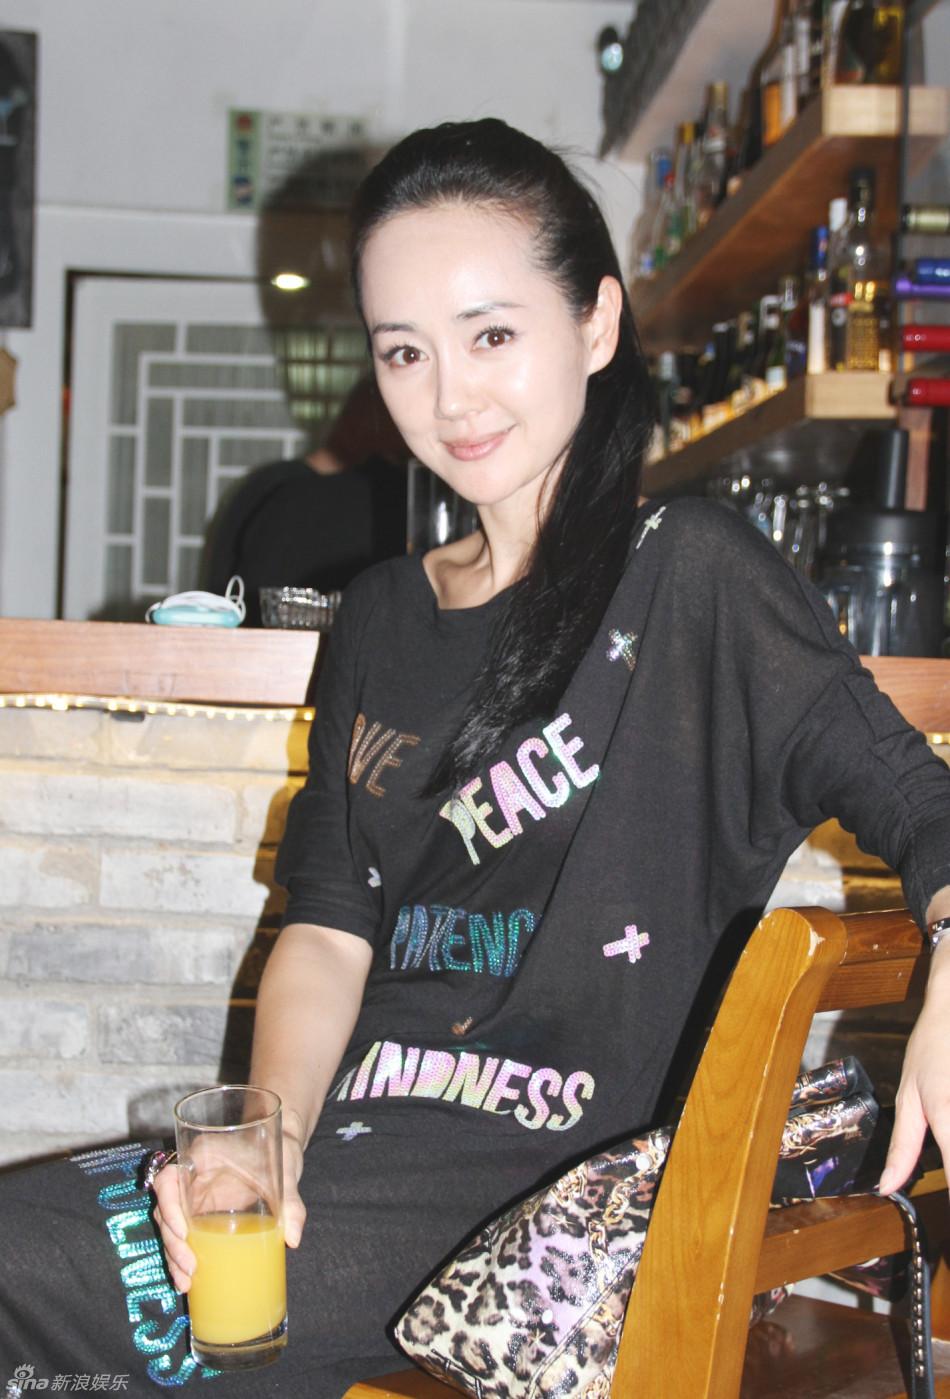 http://www.sinaimg.cn/dy/slidenews/4_img/2013_20/704_966407_639127.jpg